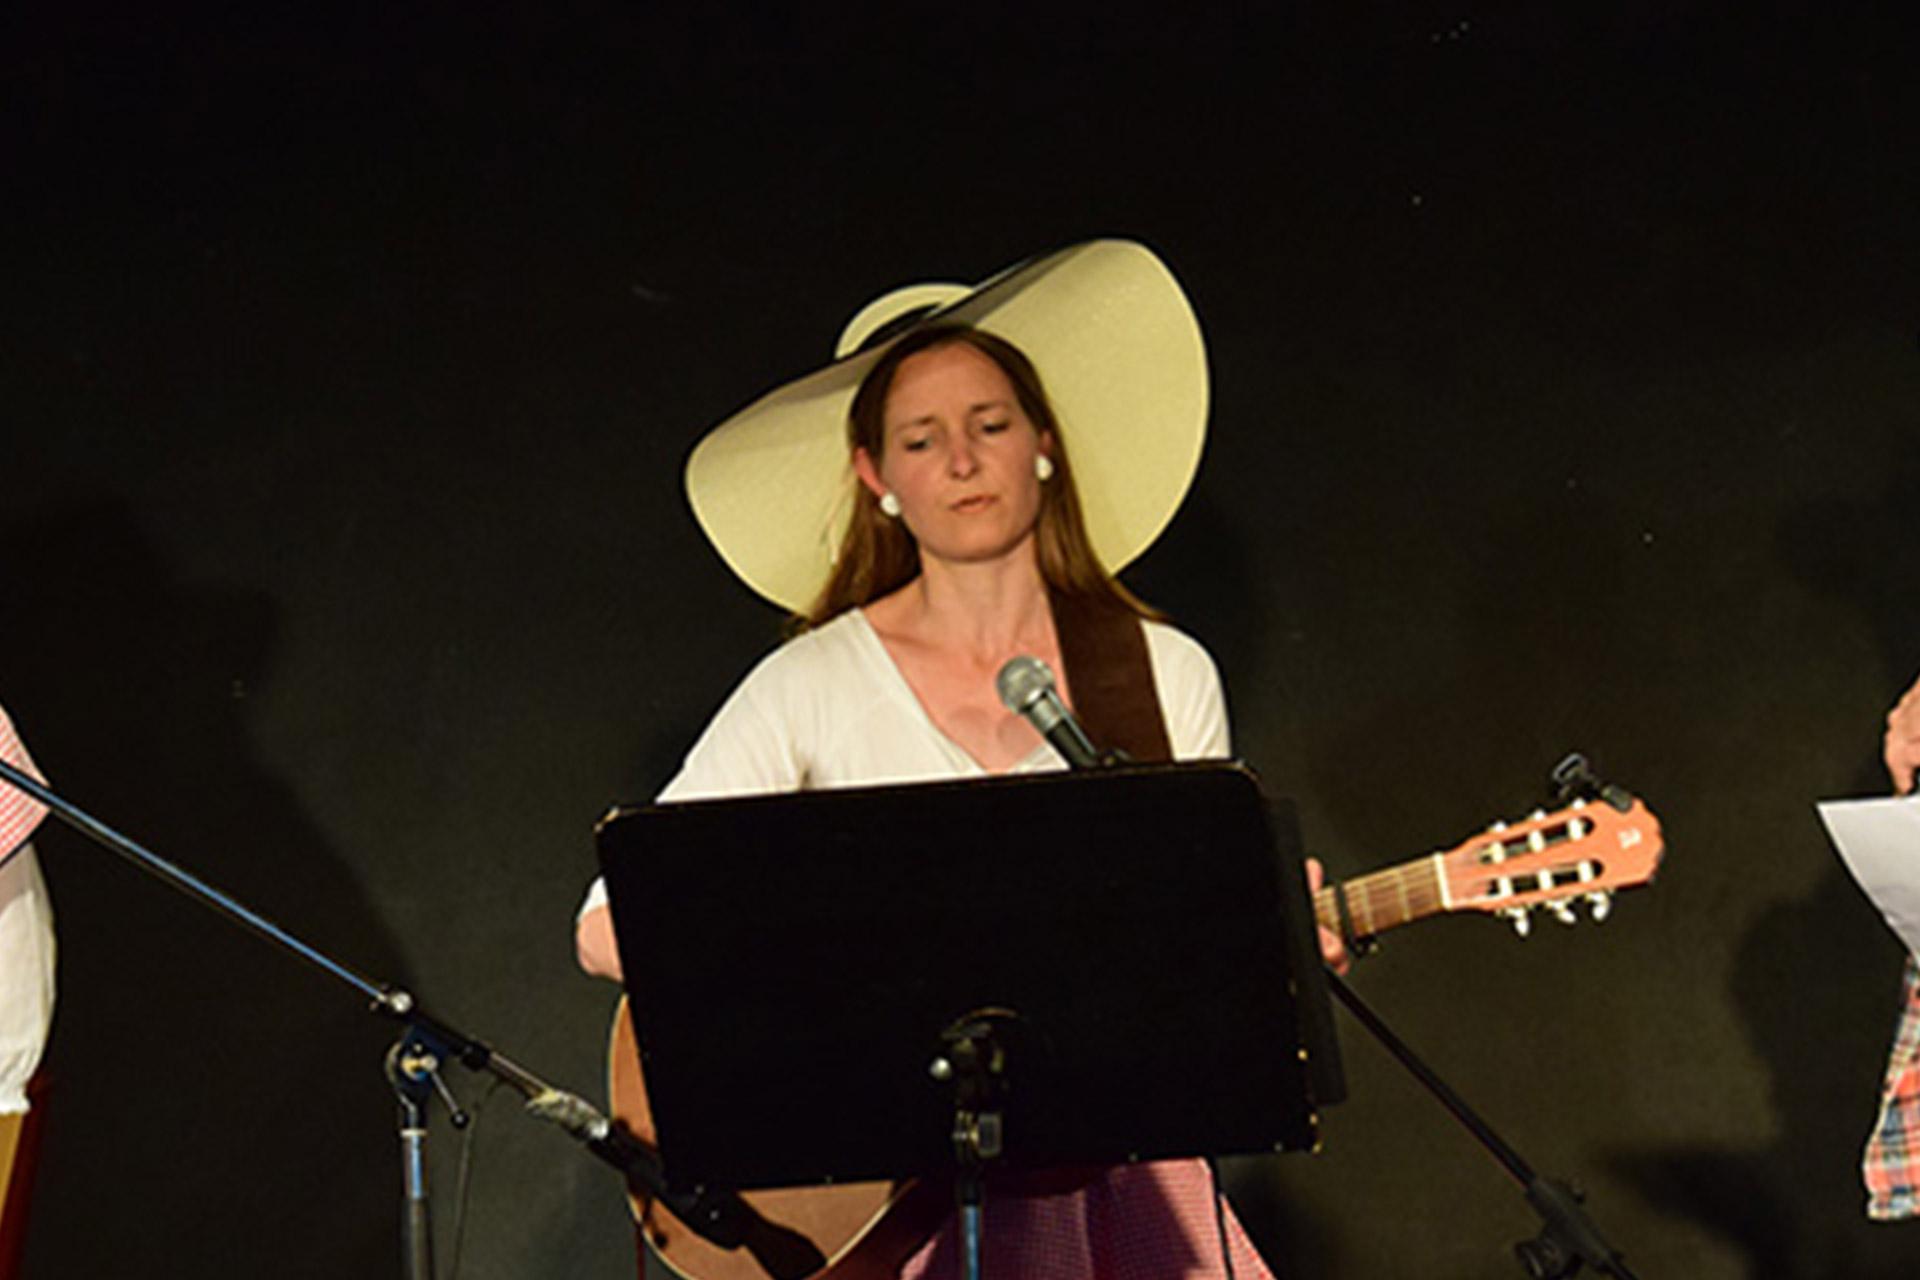 Abend der Poesie Montessori Schule Peißenberg: Eine Schülerin spielt Gitarre und singt.